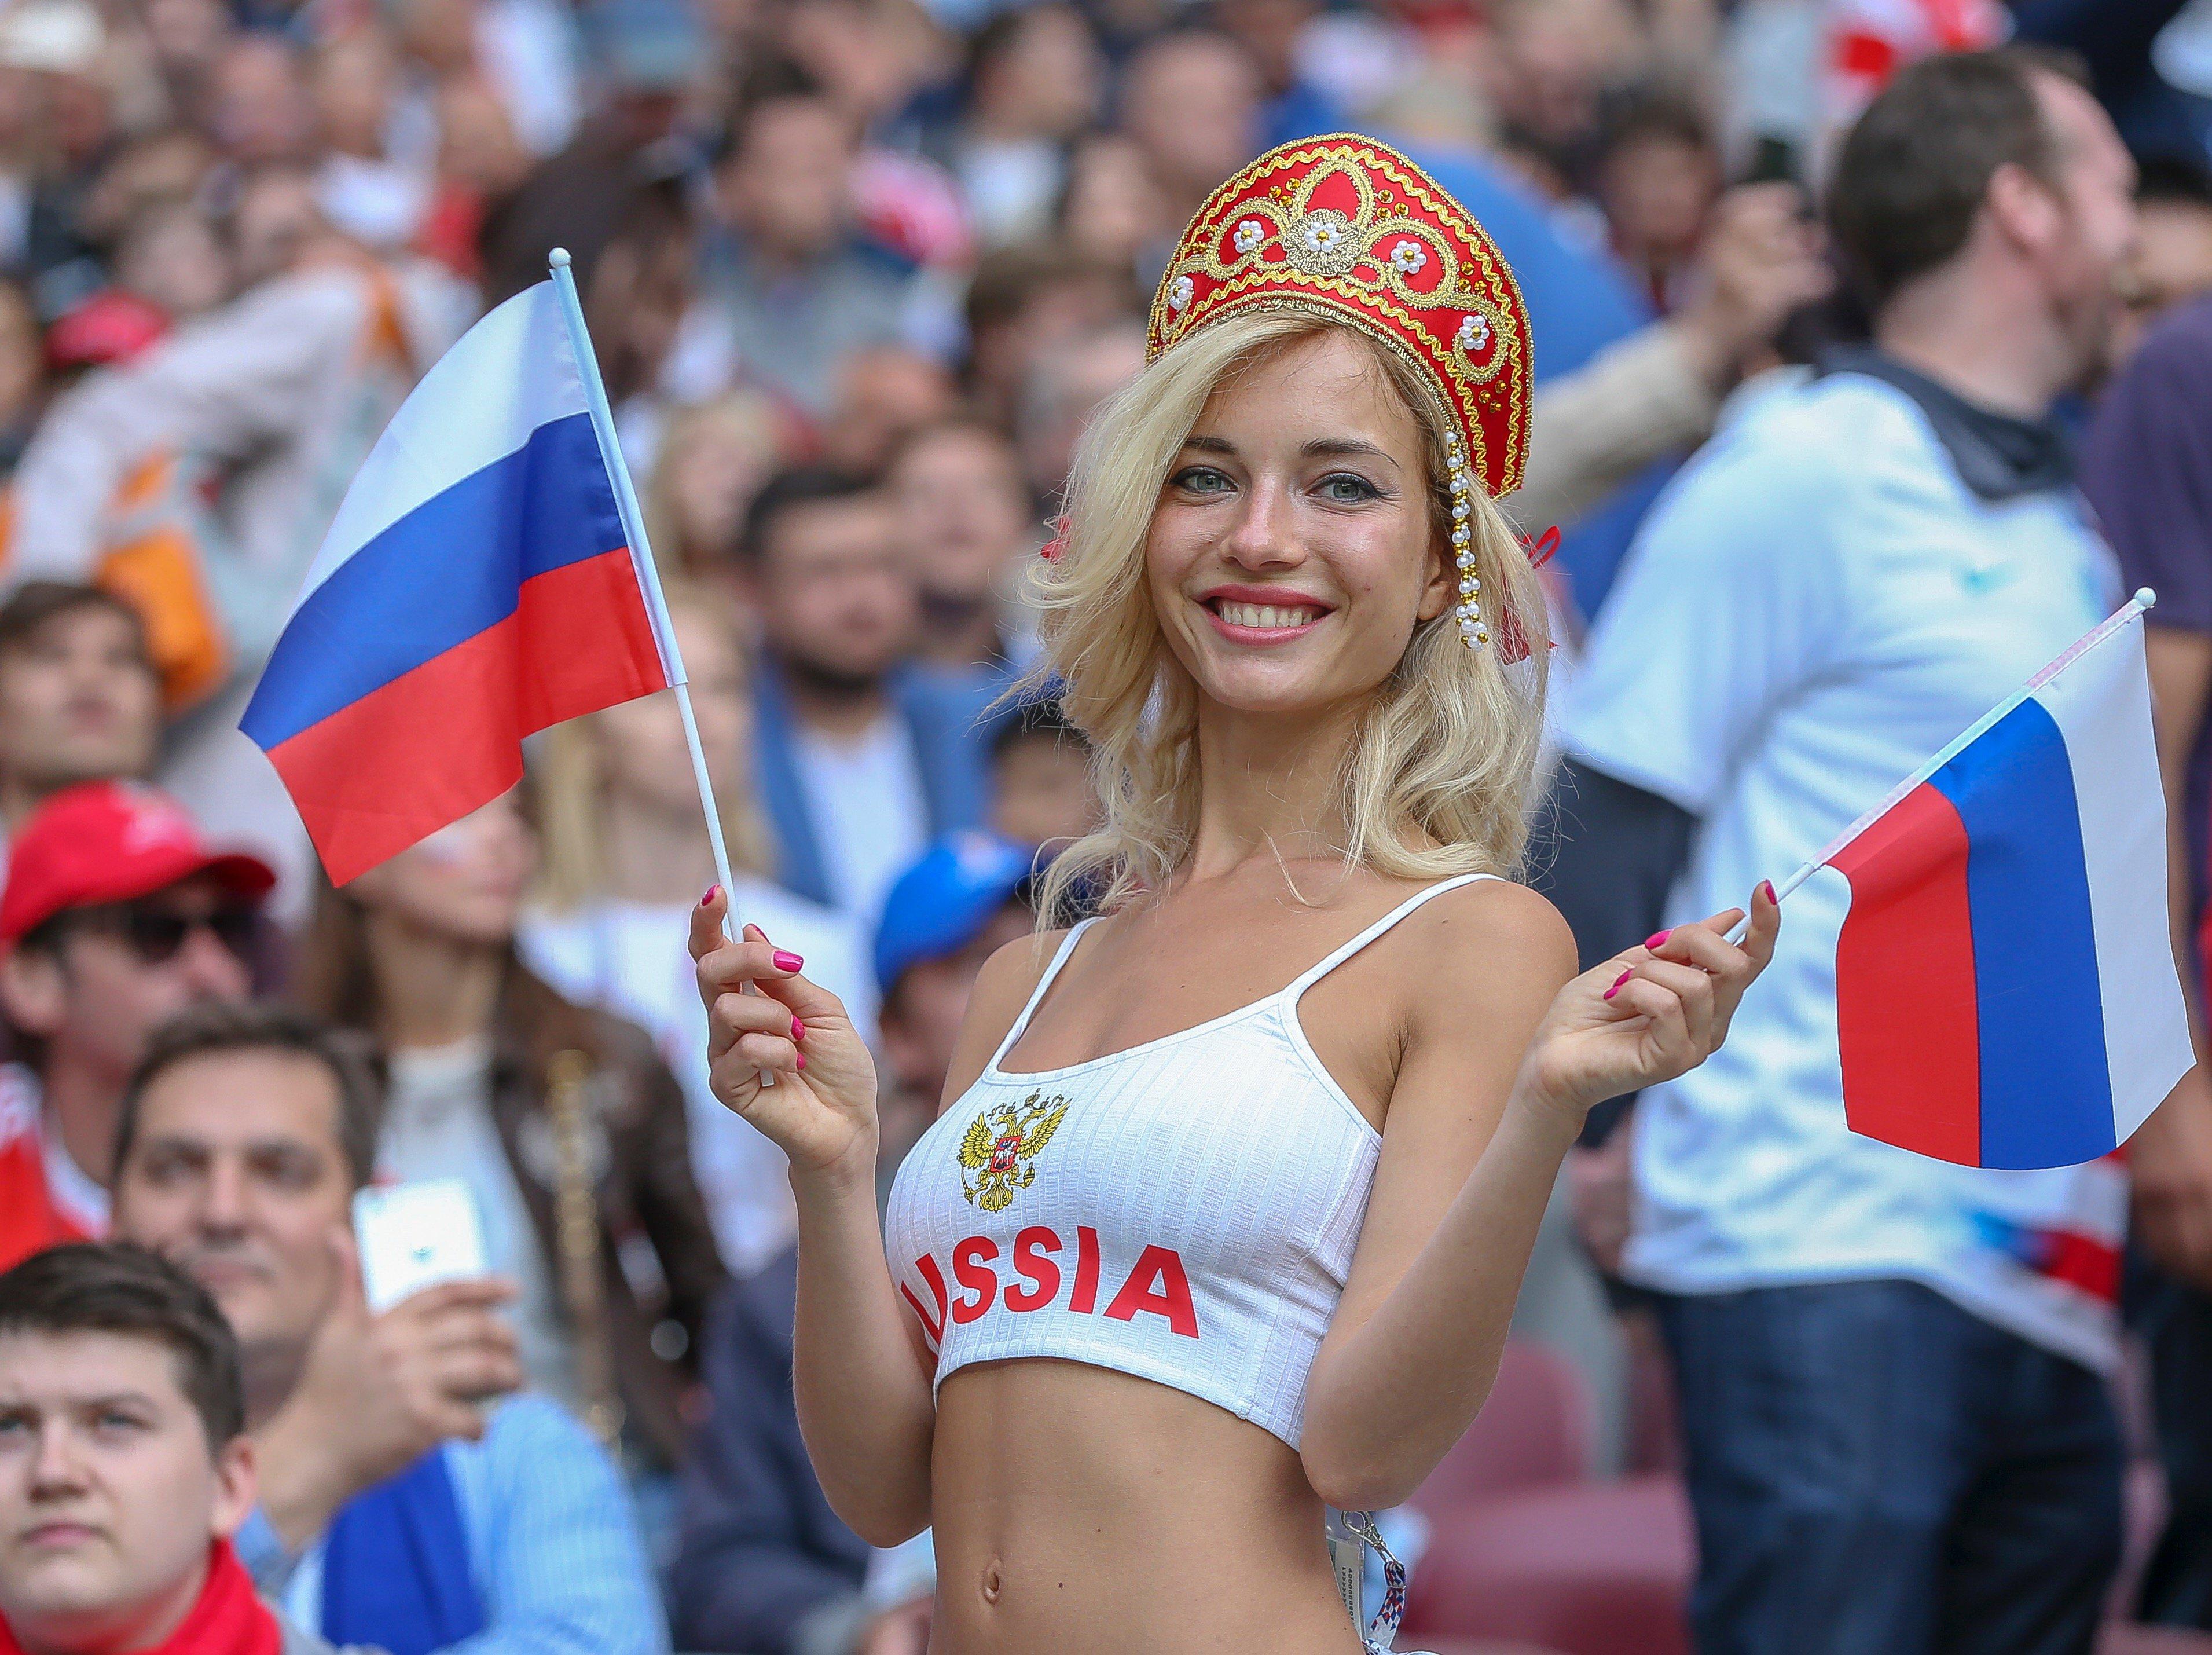 Chica rusa en el Mundial 2018 - 3821x2858